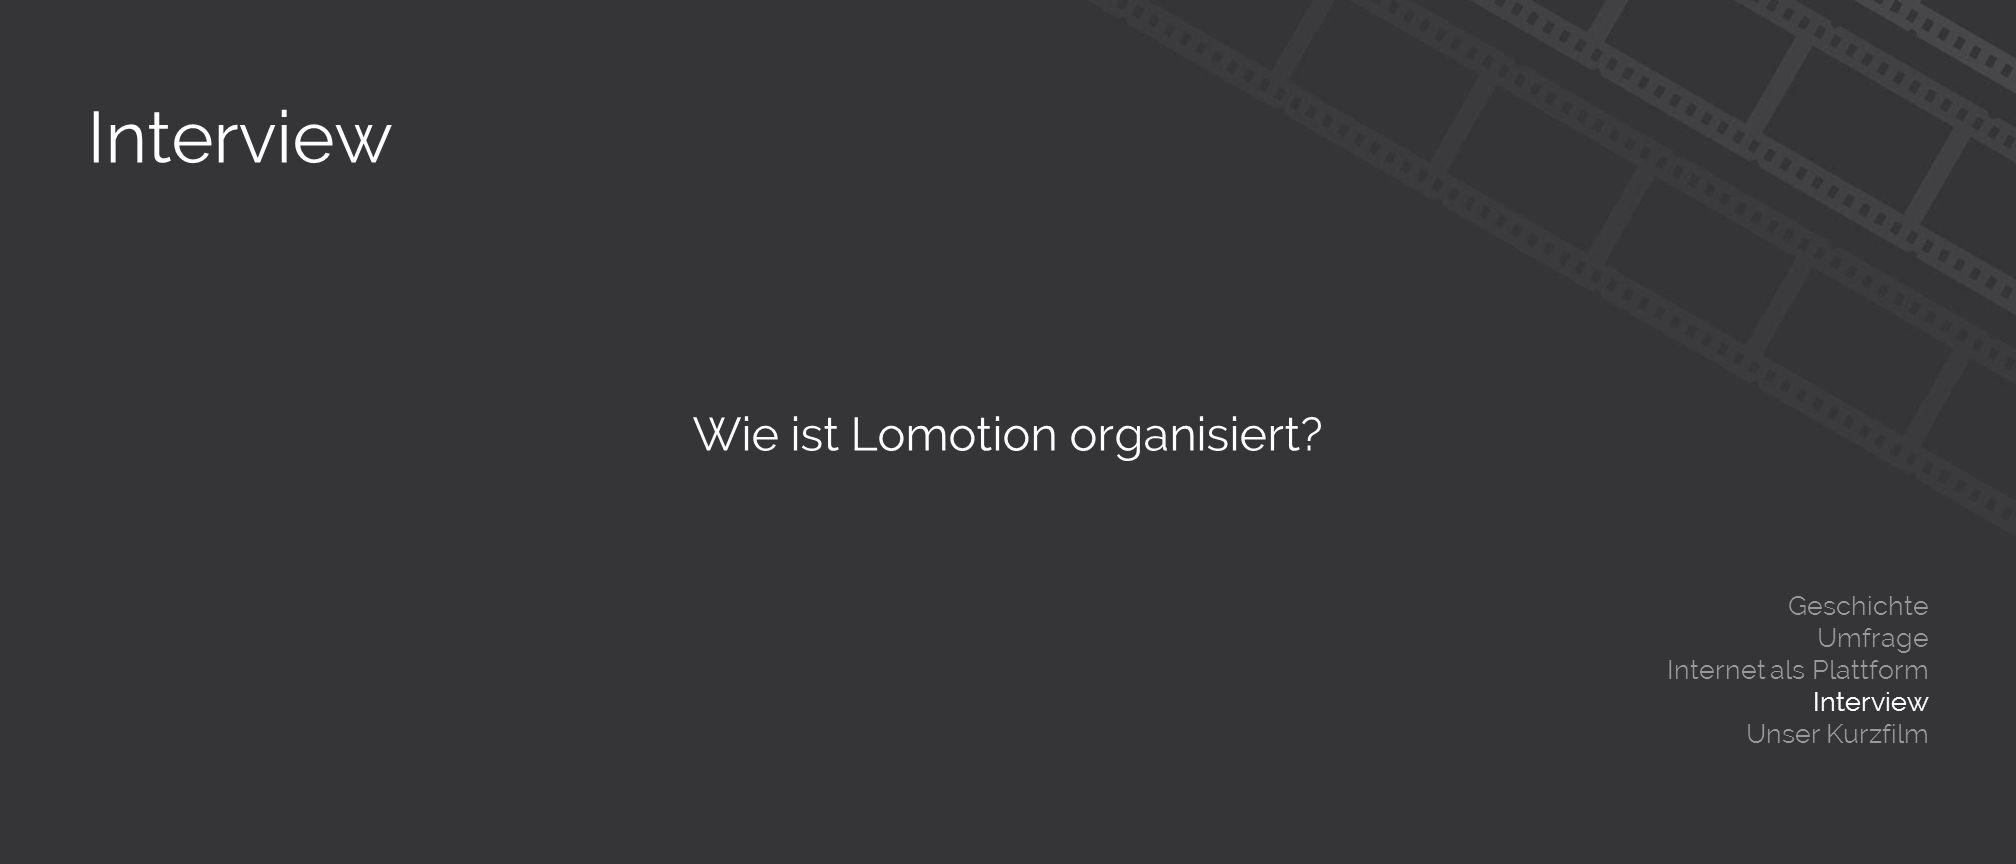 Interview Wie ist Lomotion organisiert.